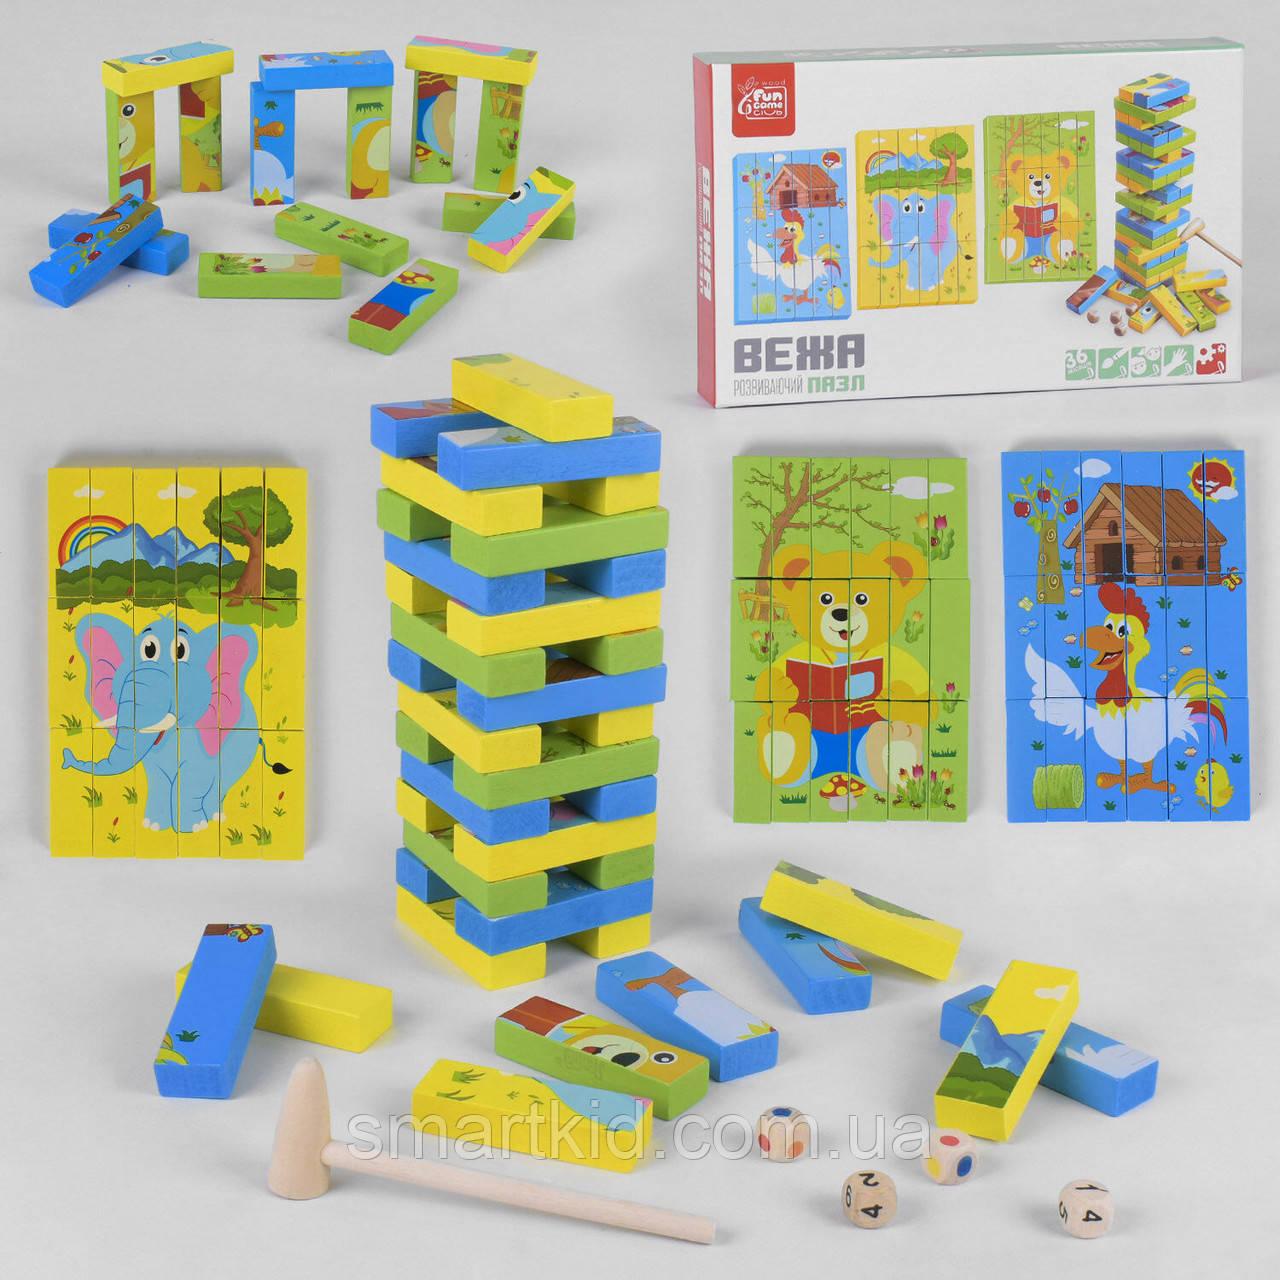 Деревянная игра Джанга 2в1 54 бруска, в коробке